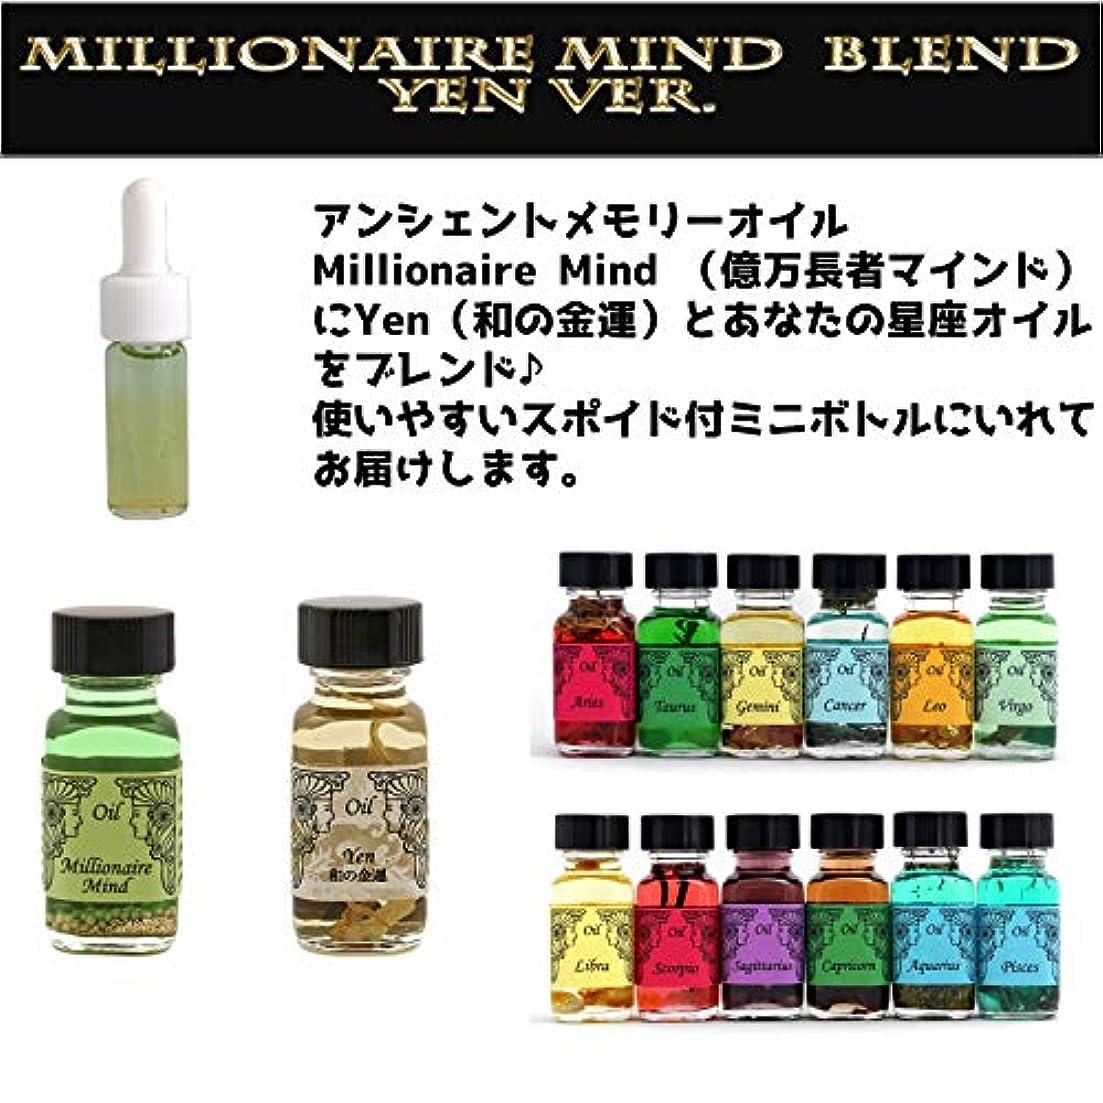 文房具敬の念ママアンシェントメモリーオイル Millionaire Mind 億万長者マインド ブレンド【Yen 和の金運&さそり座】